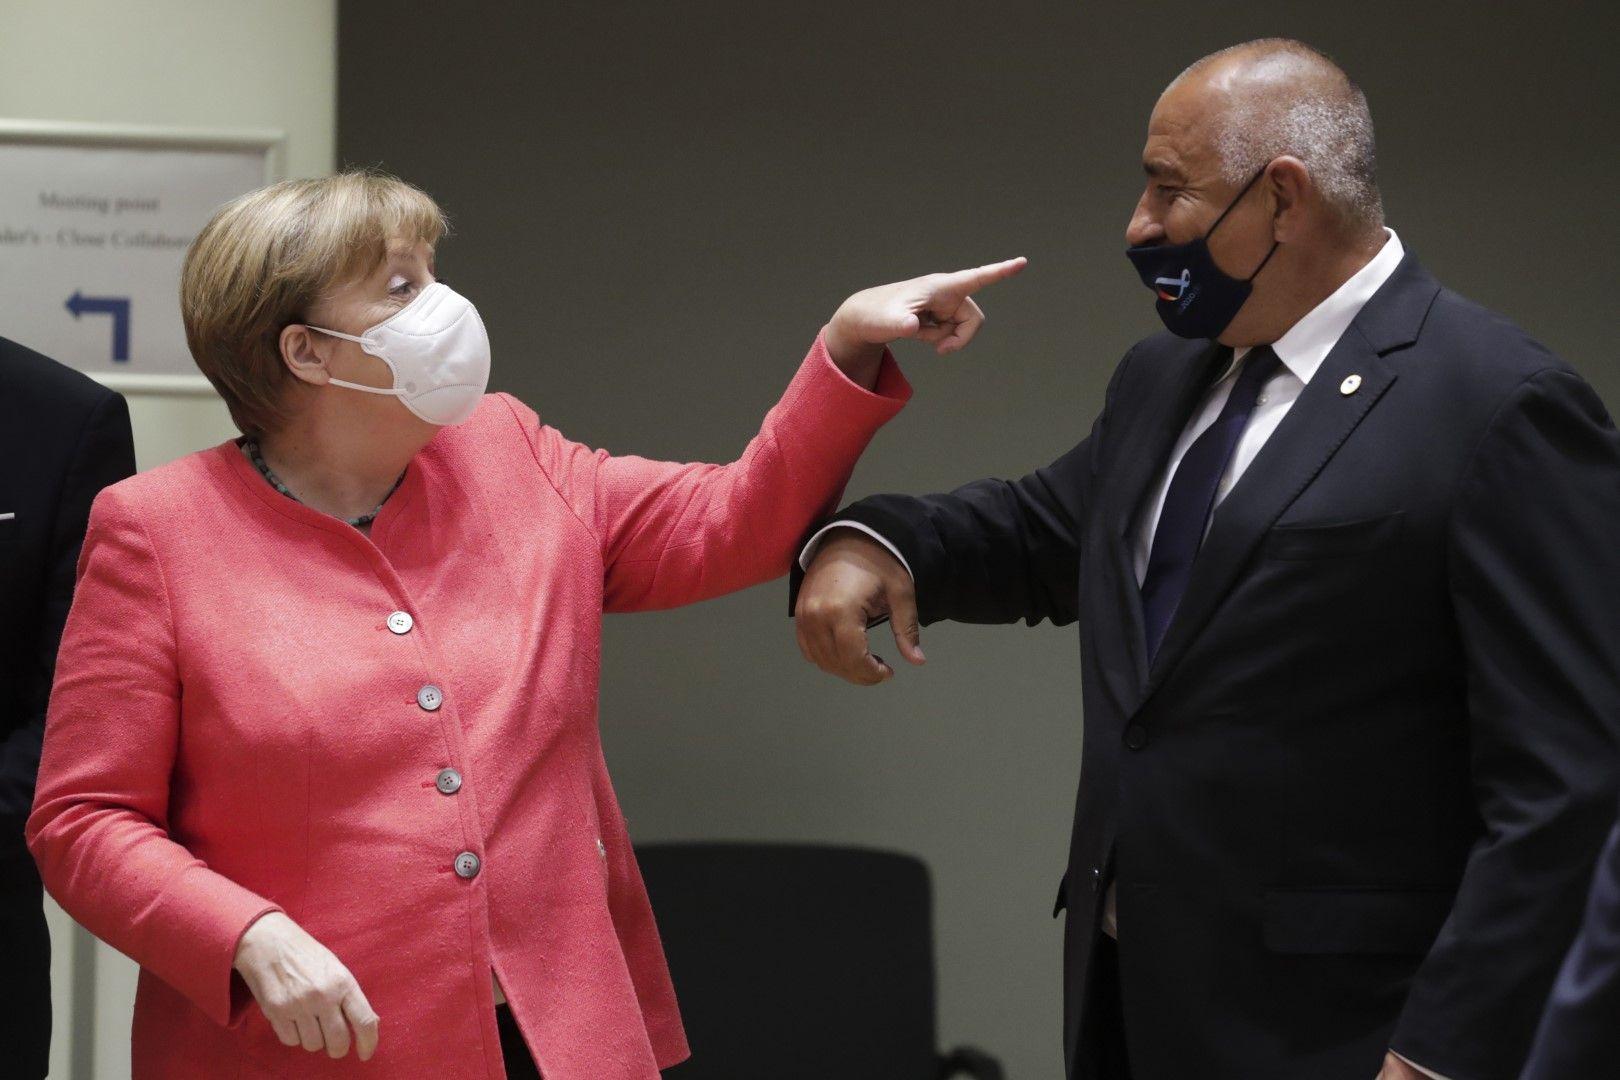 Снимка на седмицата на Асошиейтед прес. Ангела Меркел изглежда посочва непокрития от маската нос на Бойко Борисов.